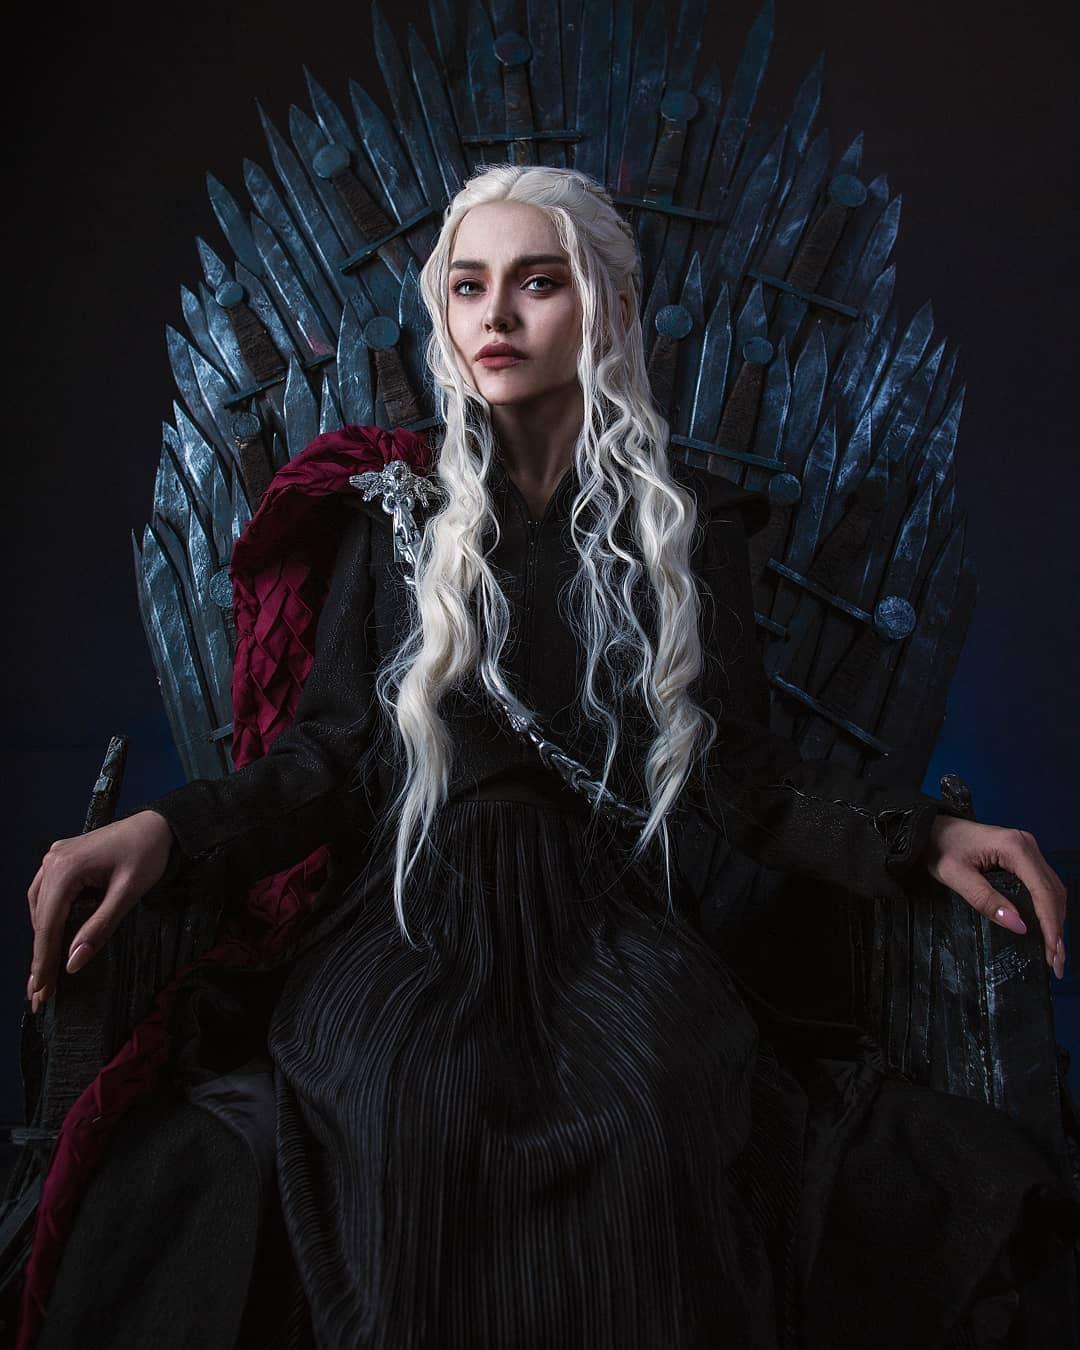 Daenerys Targaryen cosplay by Kalinka Fox